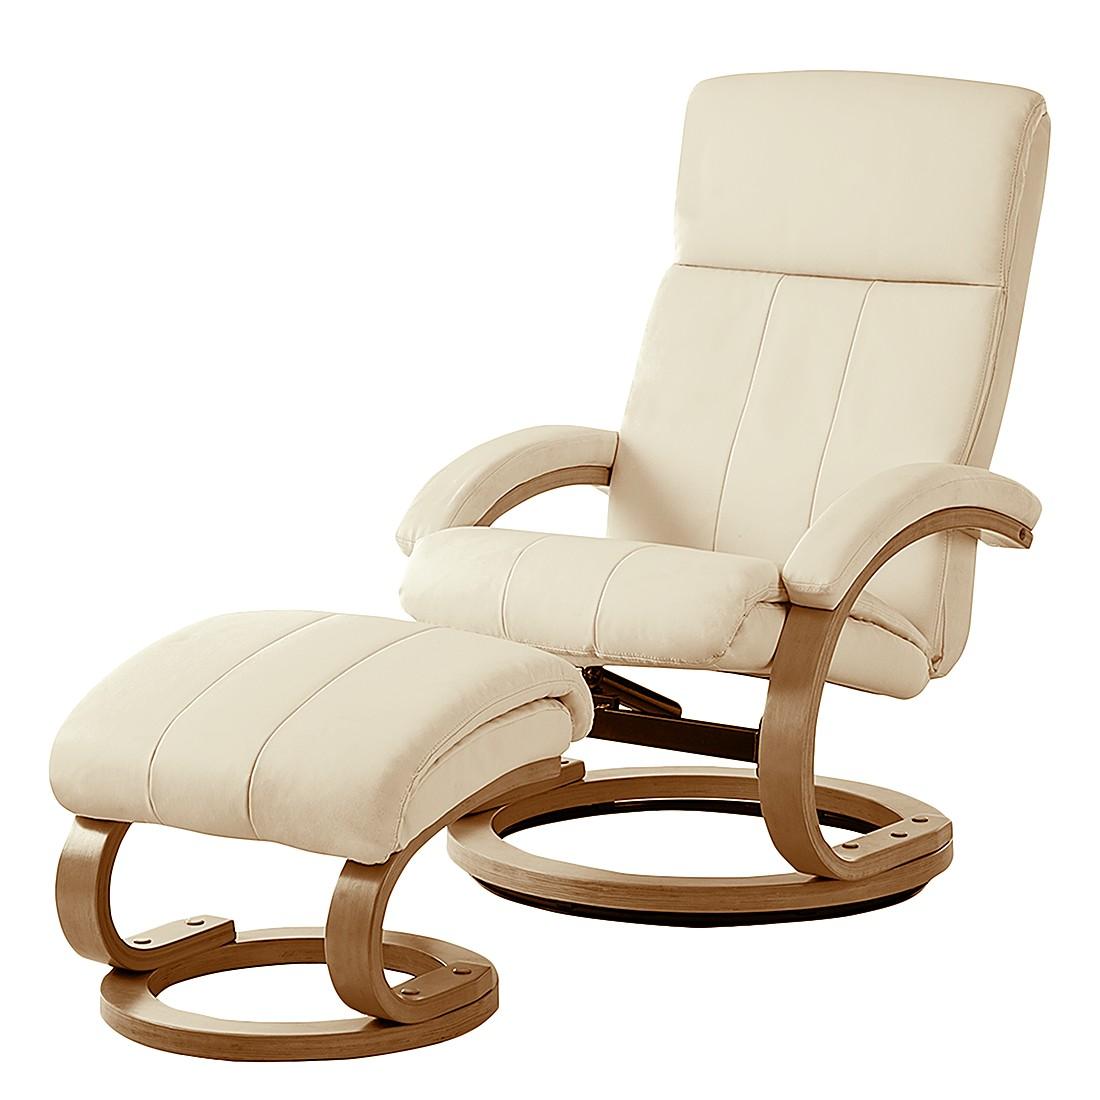 Poltrona relax Vancouver (con sgabello) - Similpelle beige poggiapiedi) Avorio, Nuovoform